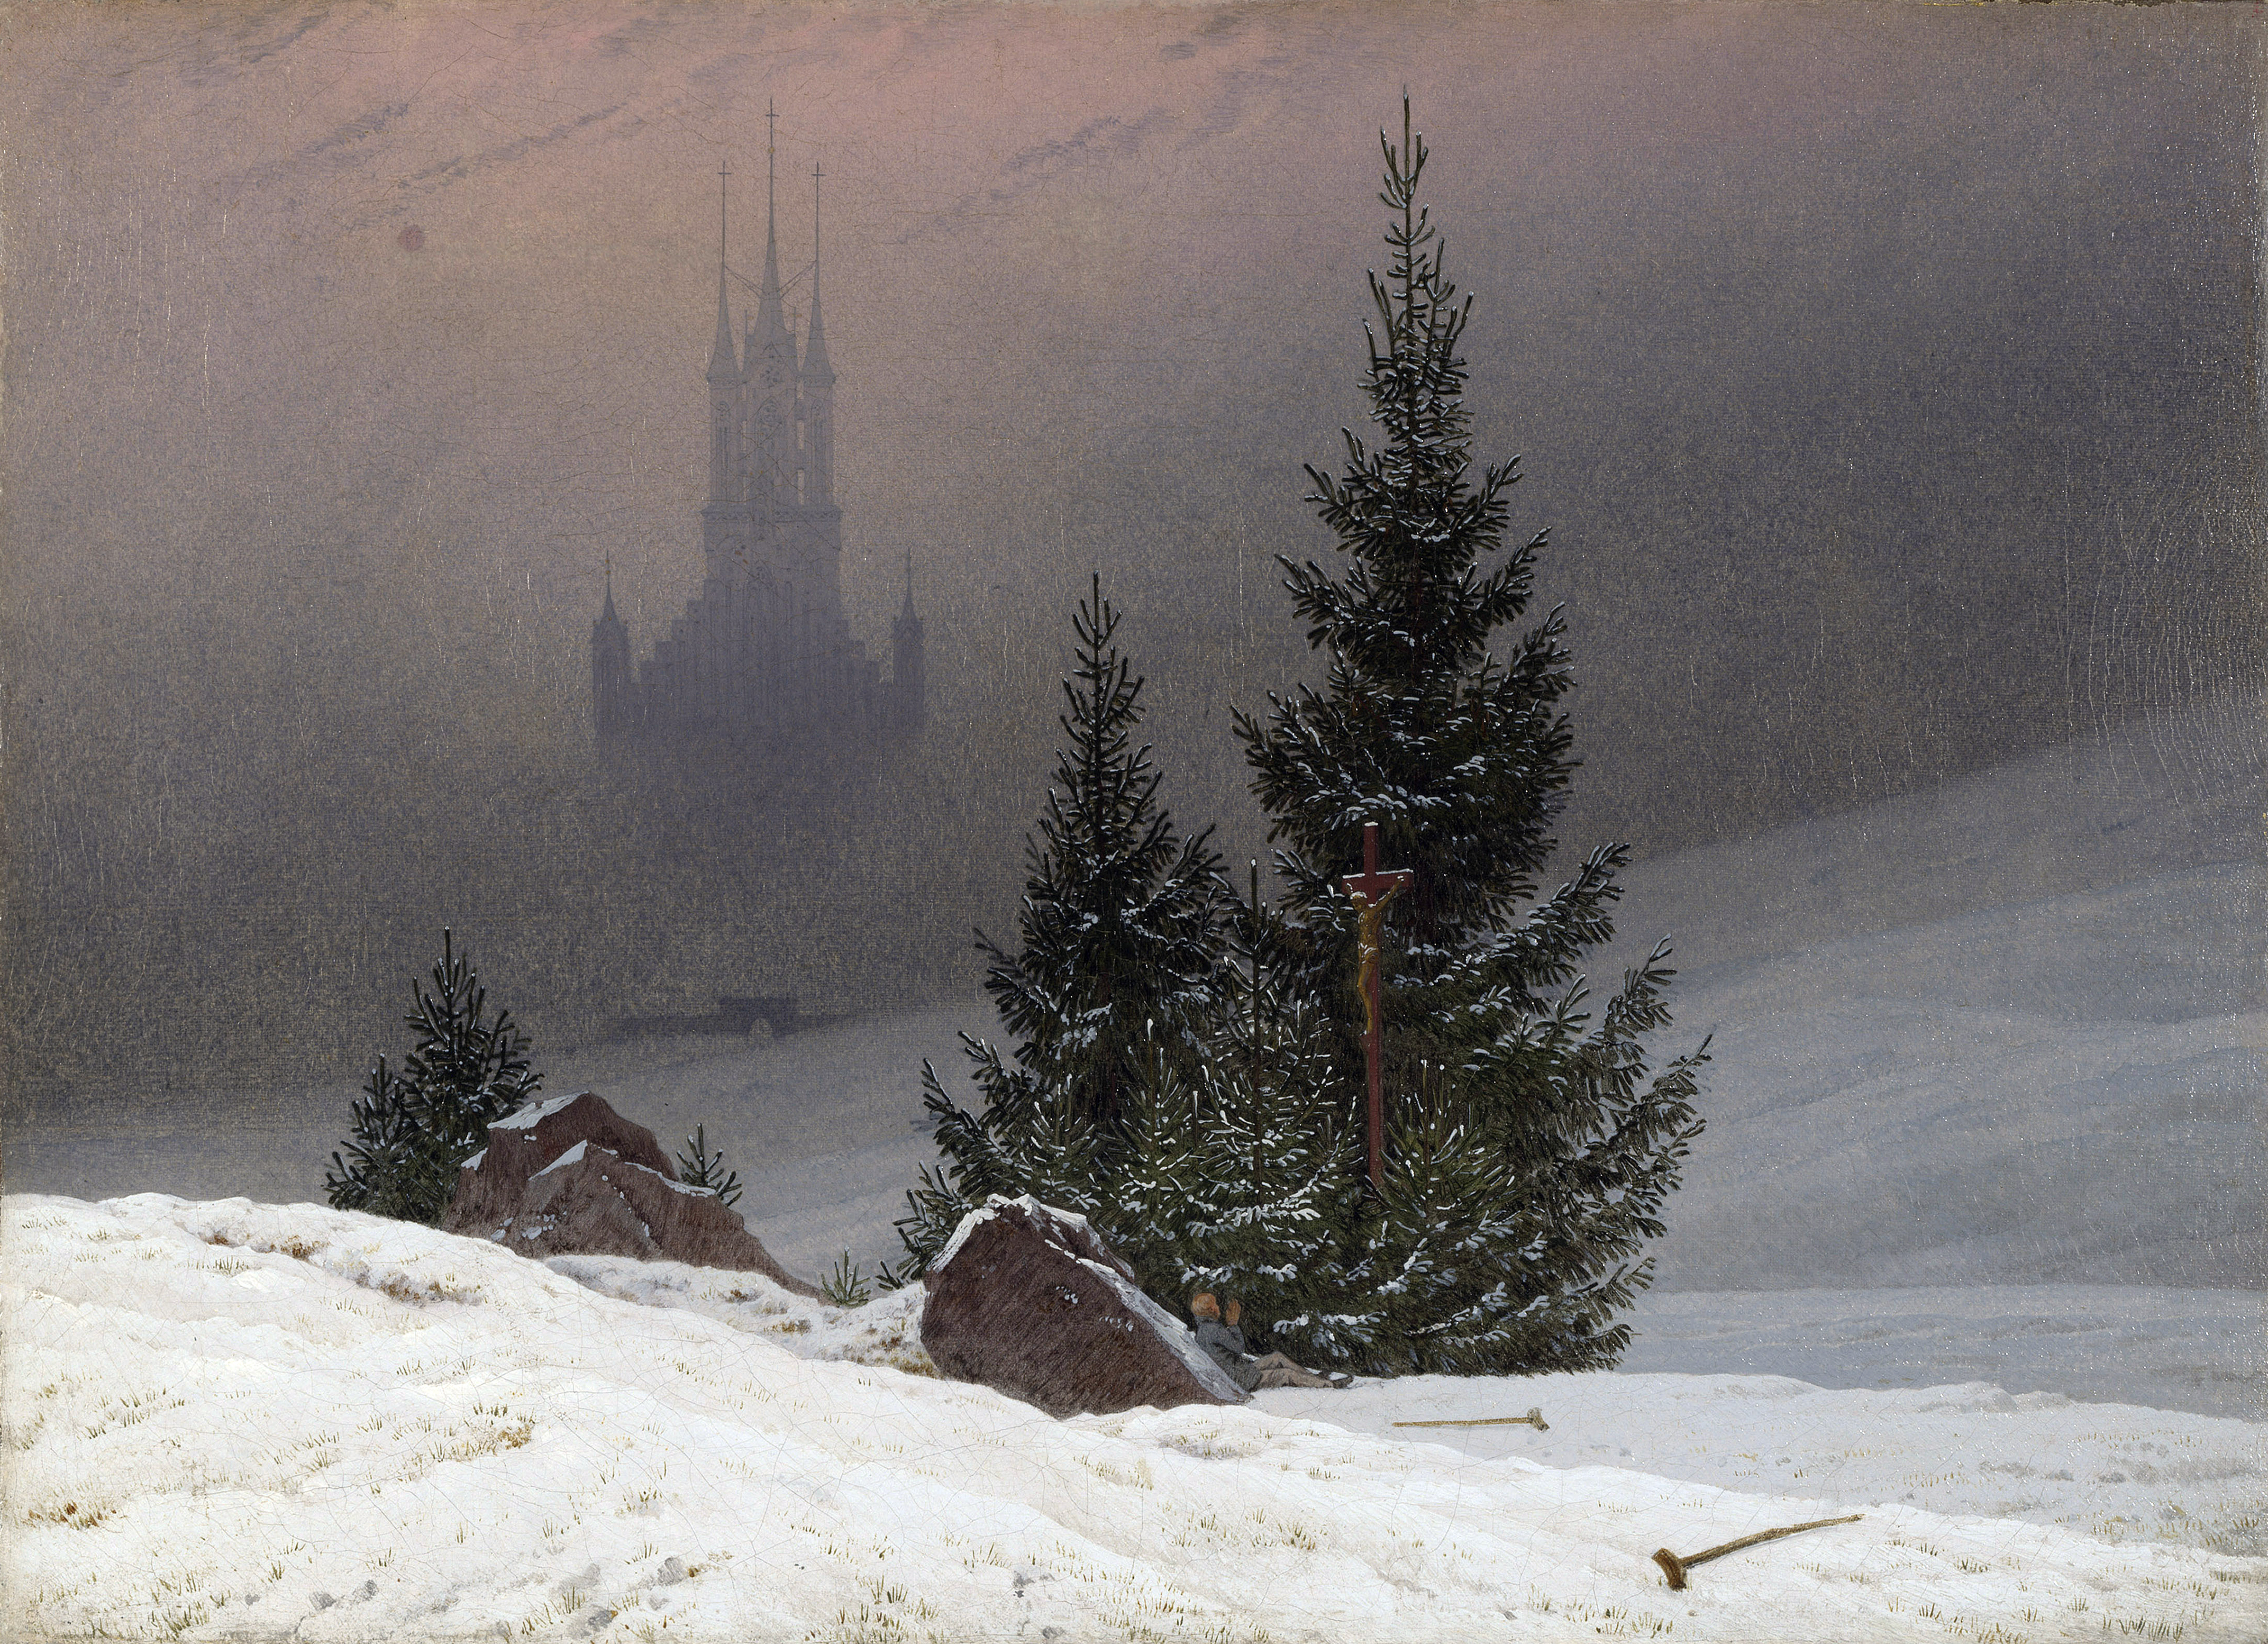 Itt a német romantika kiemelkedő alkotóját keressük, aki egy vándort is megörökített a ködtenger felett. Ki ő?